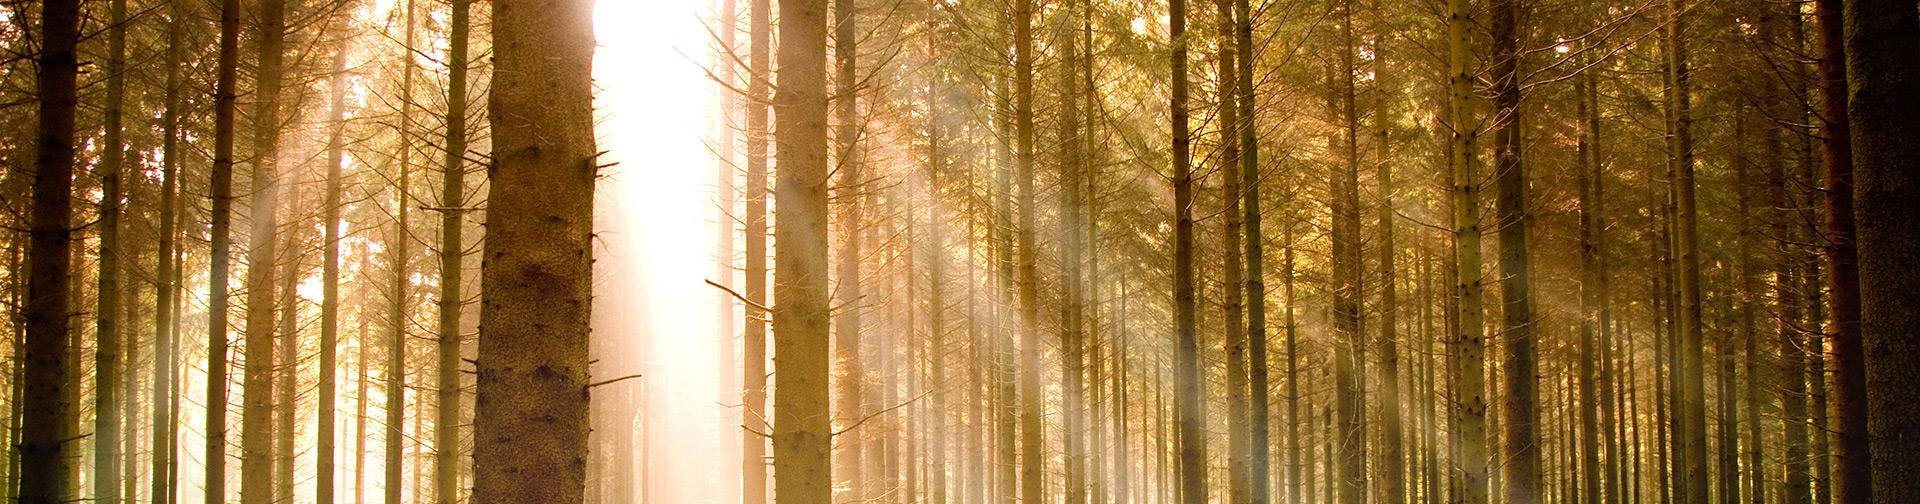 Diagnostic arboricole – vous avez jusqu'au 31 juillet 2018 !